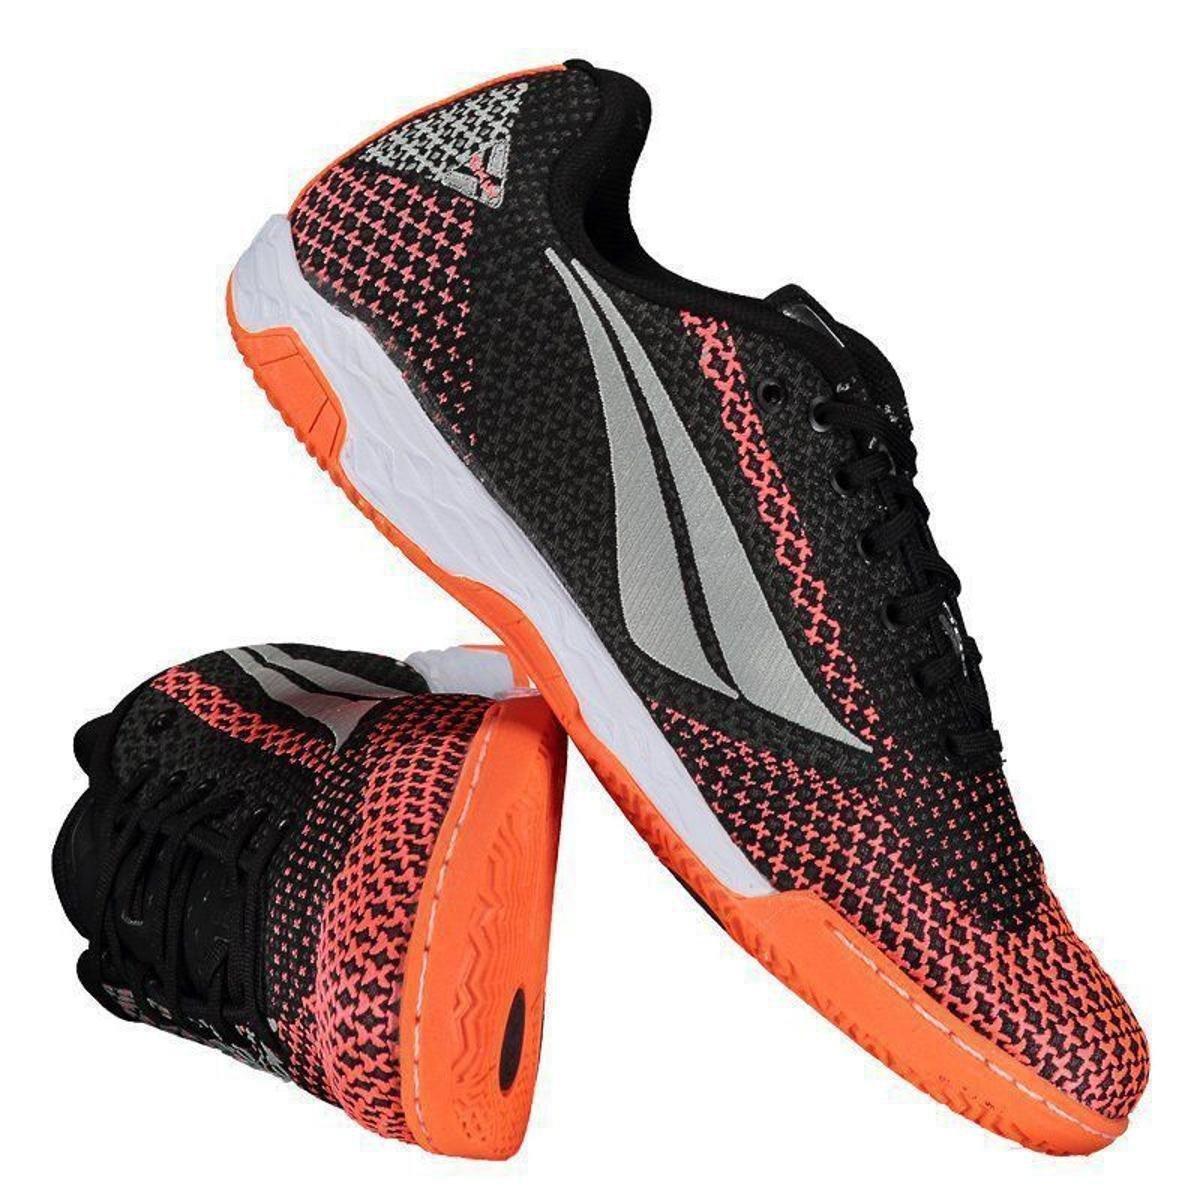 df0ce74119d4f Tenis Futsal Penaty Max 500 Eosnit 8 Adulto - Preto - Compre Agora ...